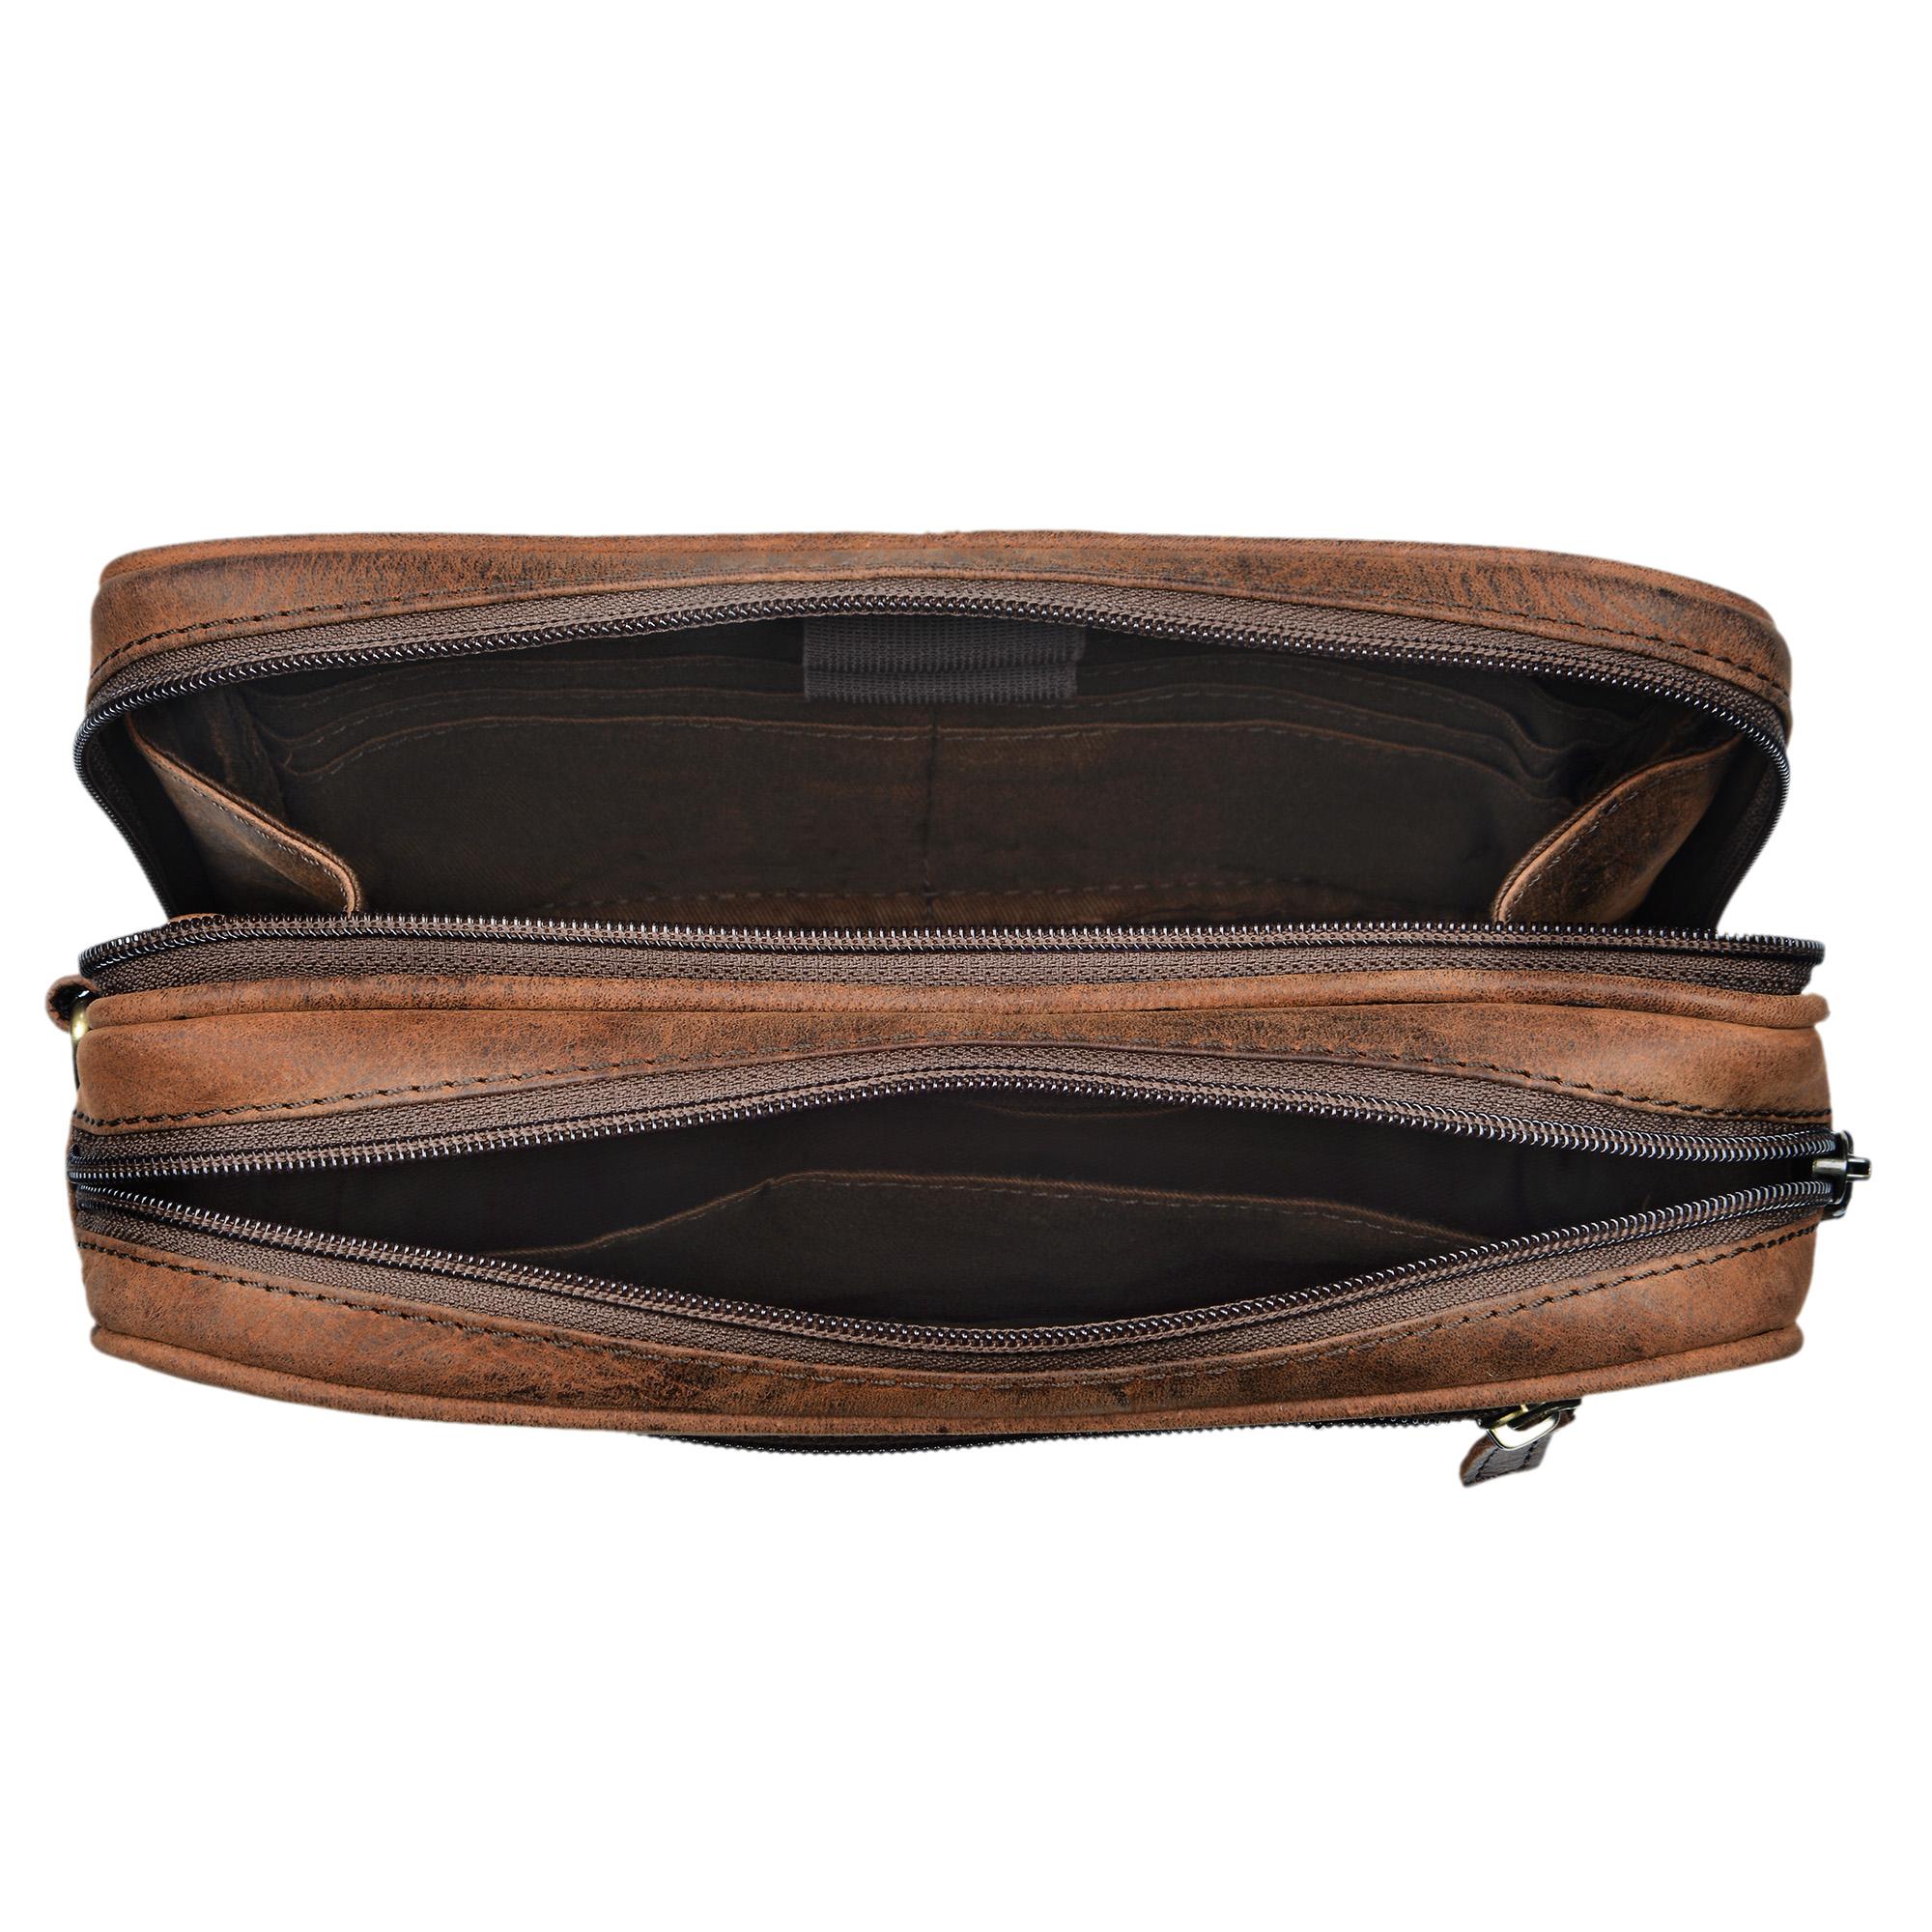 """STILORD """"Nero"""" Handgelenktasche Herren Leder mit Doppelkammer Vintage Handtasche für 8,4 Zoll Tablets ideal für Reisen Festival Herrenhandtasche echtes Leder - Bild 17"""